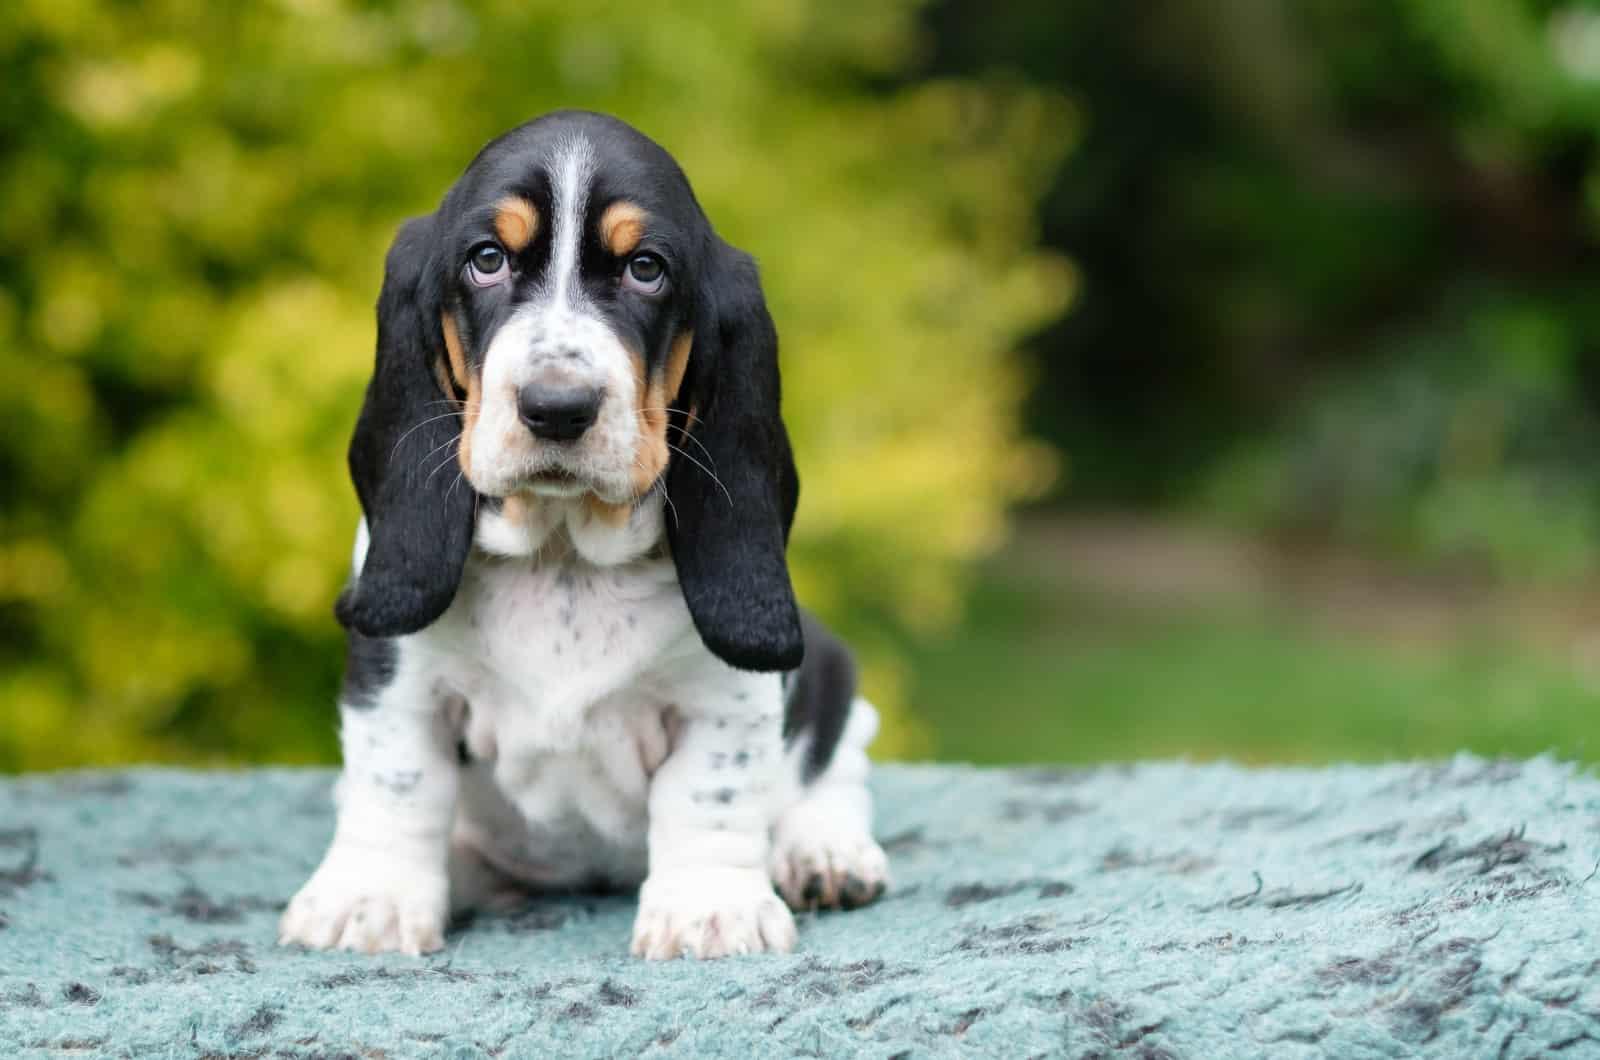 small busset hound puppy